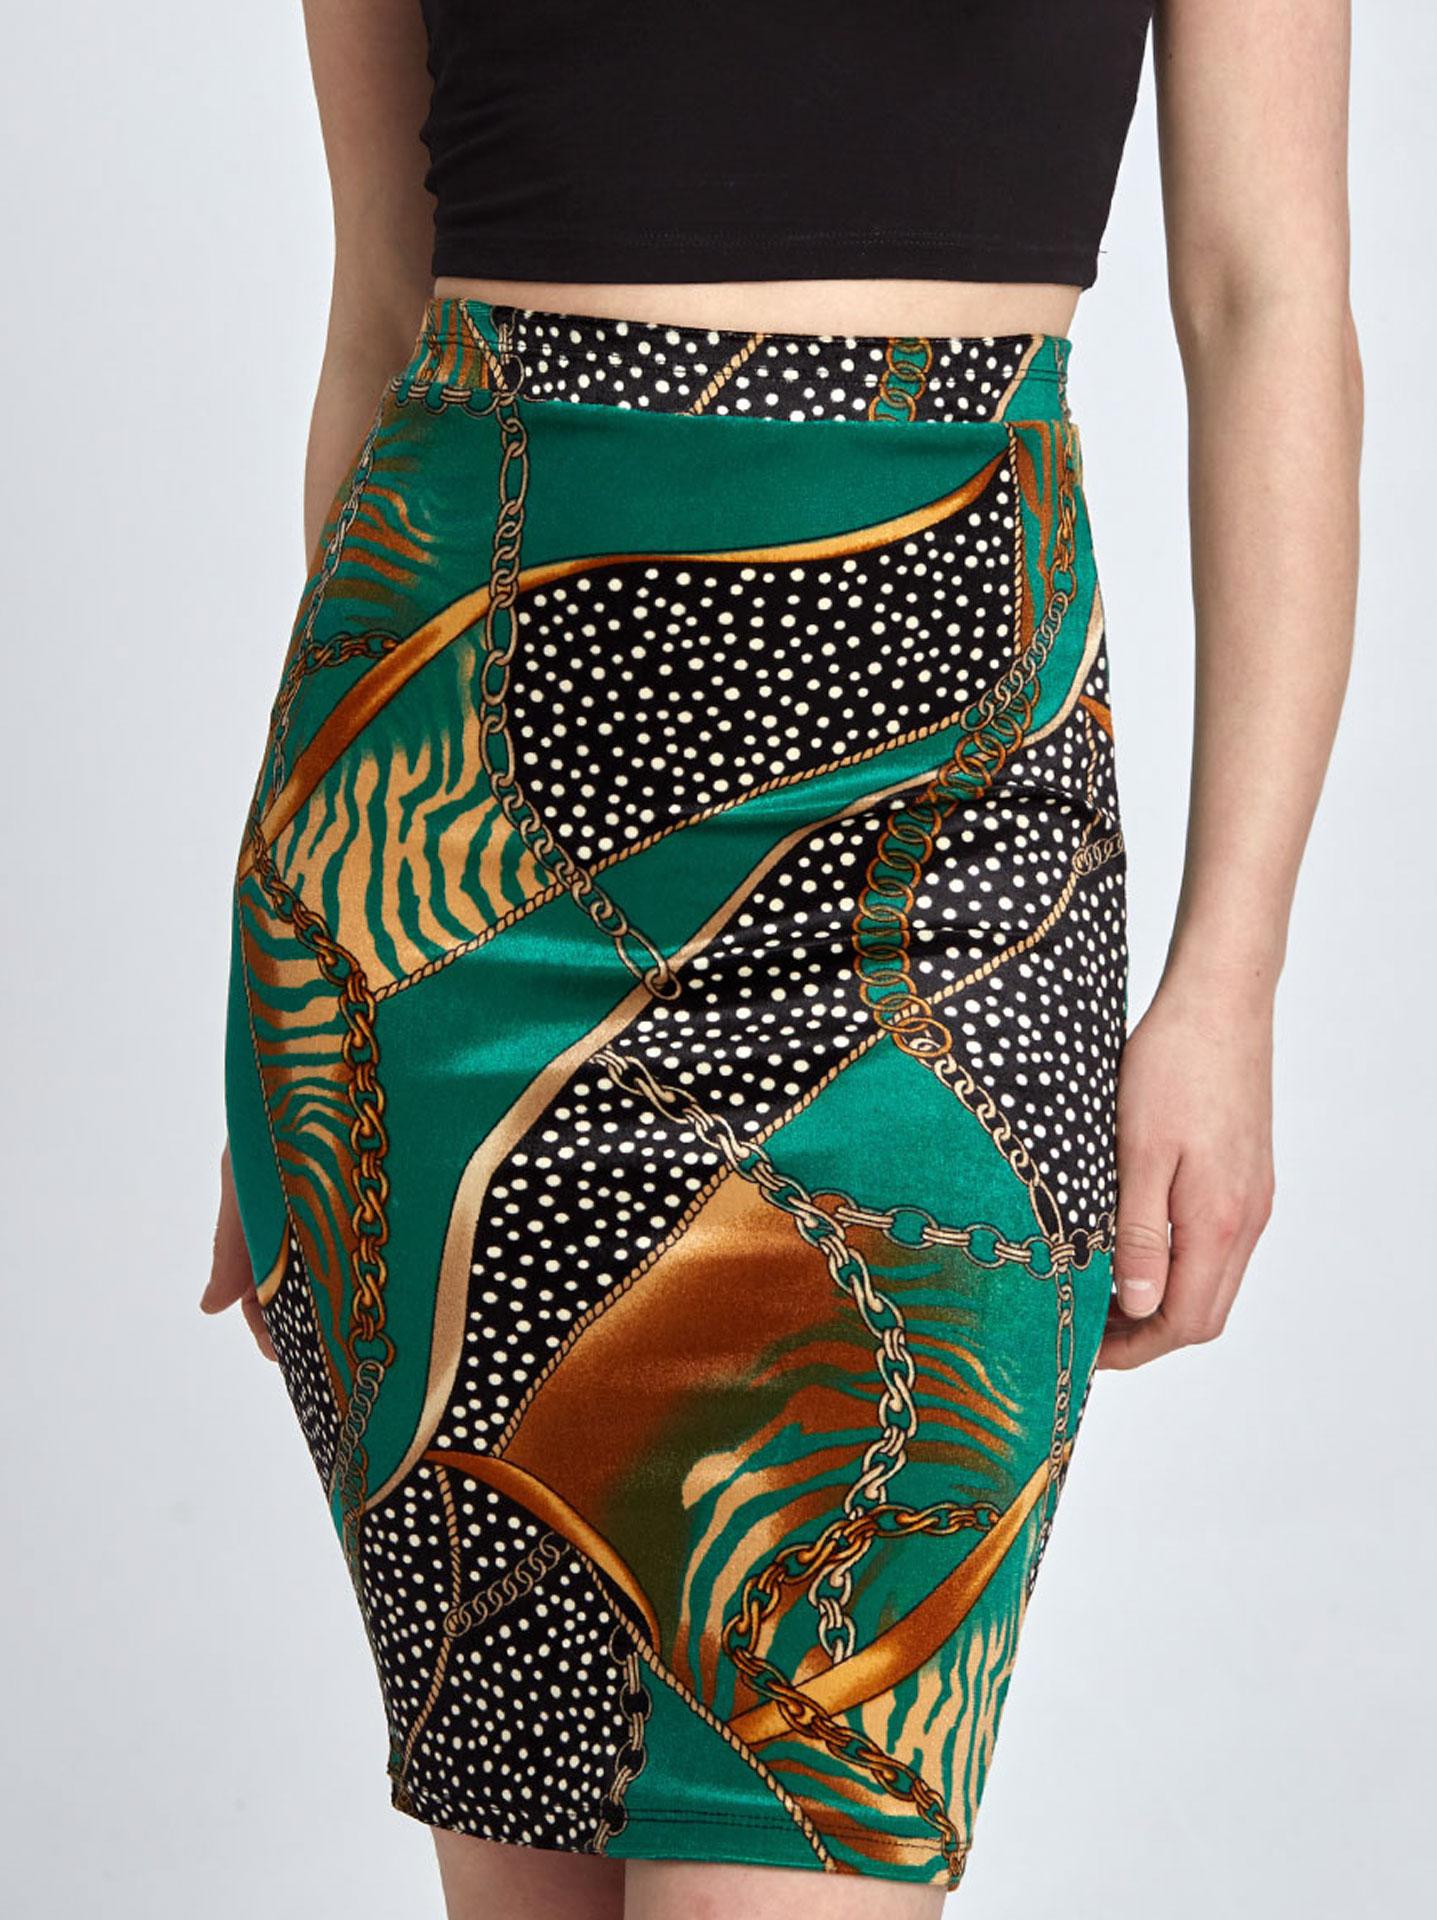 b4fb0ecc5a5e Βελούδινη εμπριμέ φούστα σε πρασινο